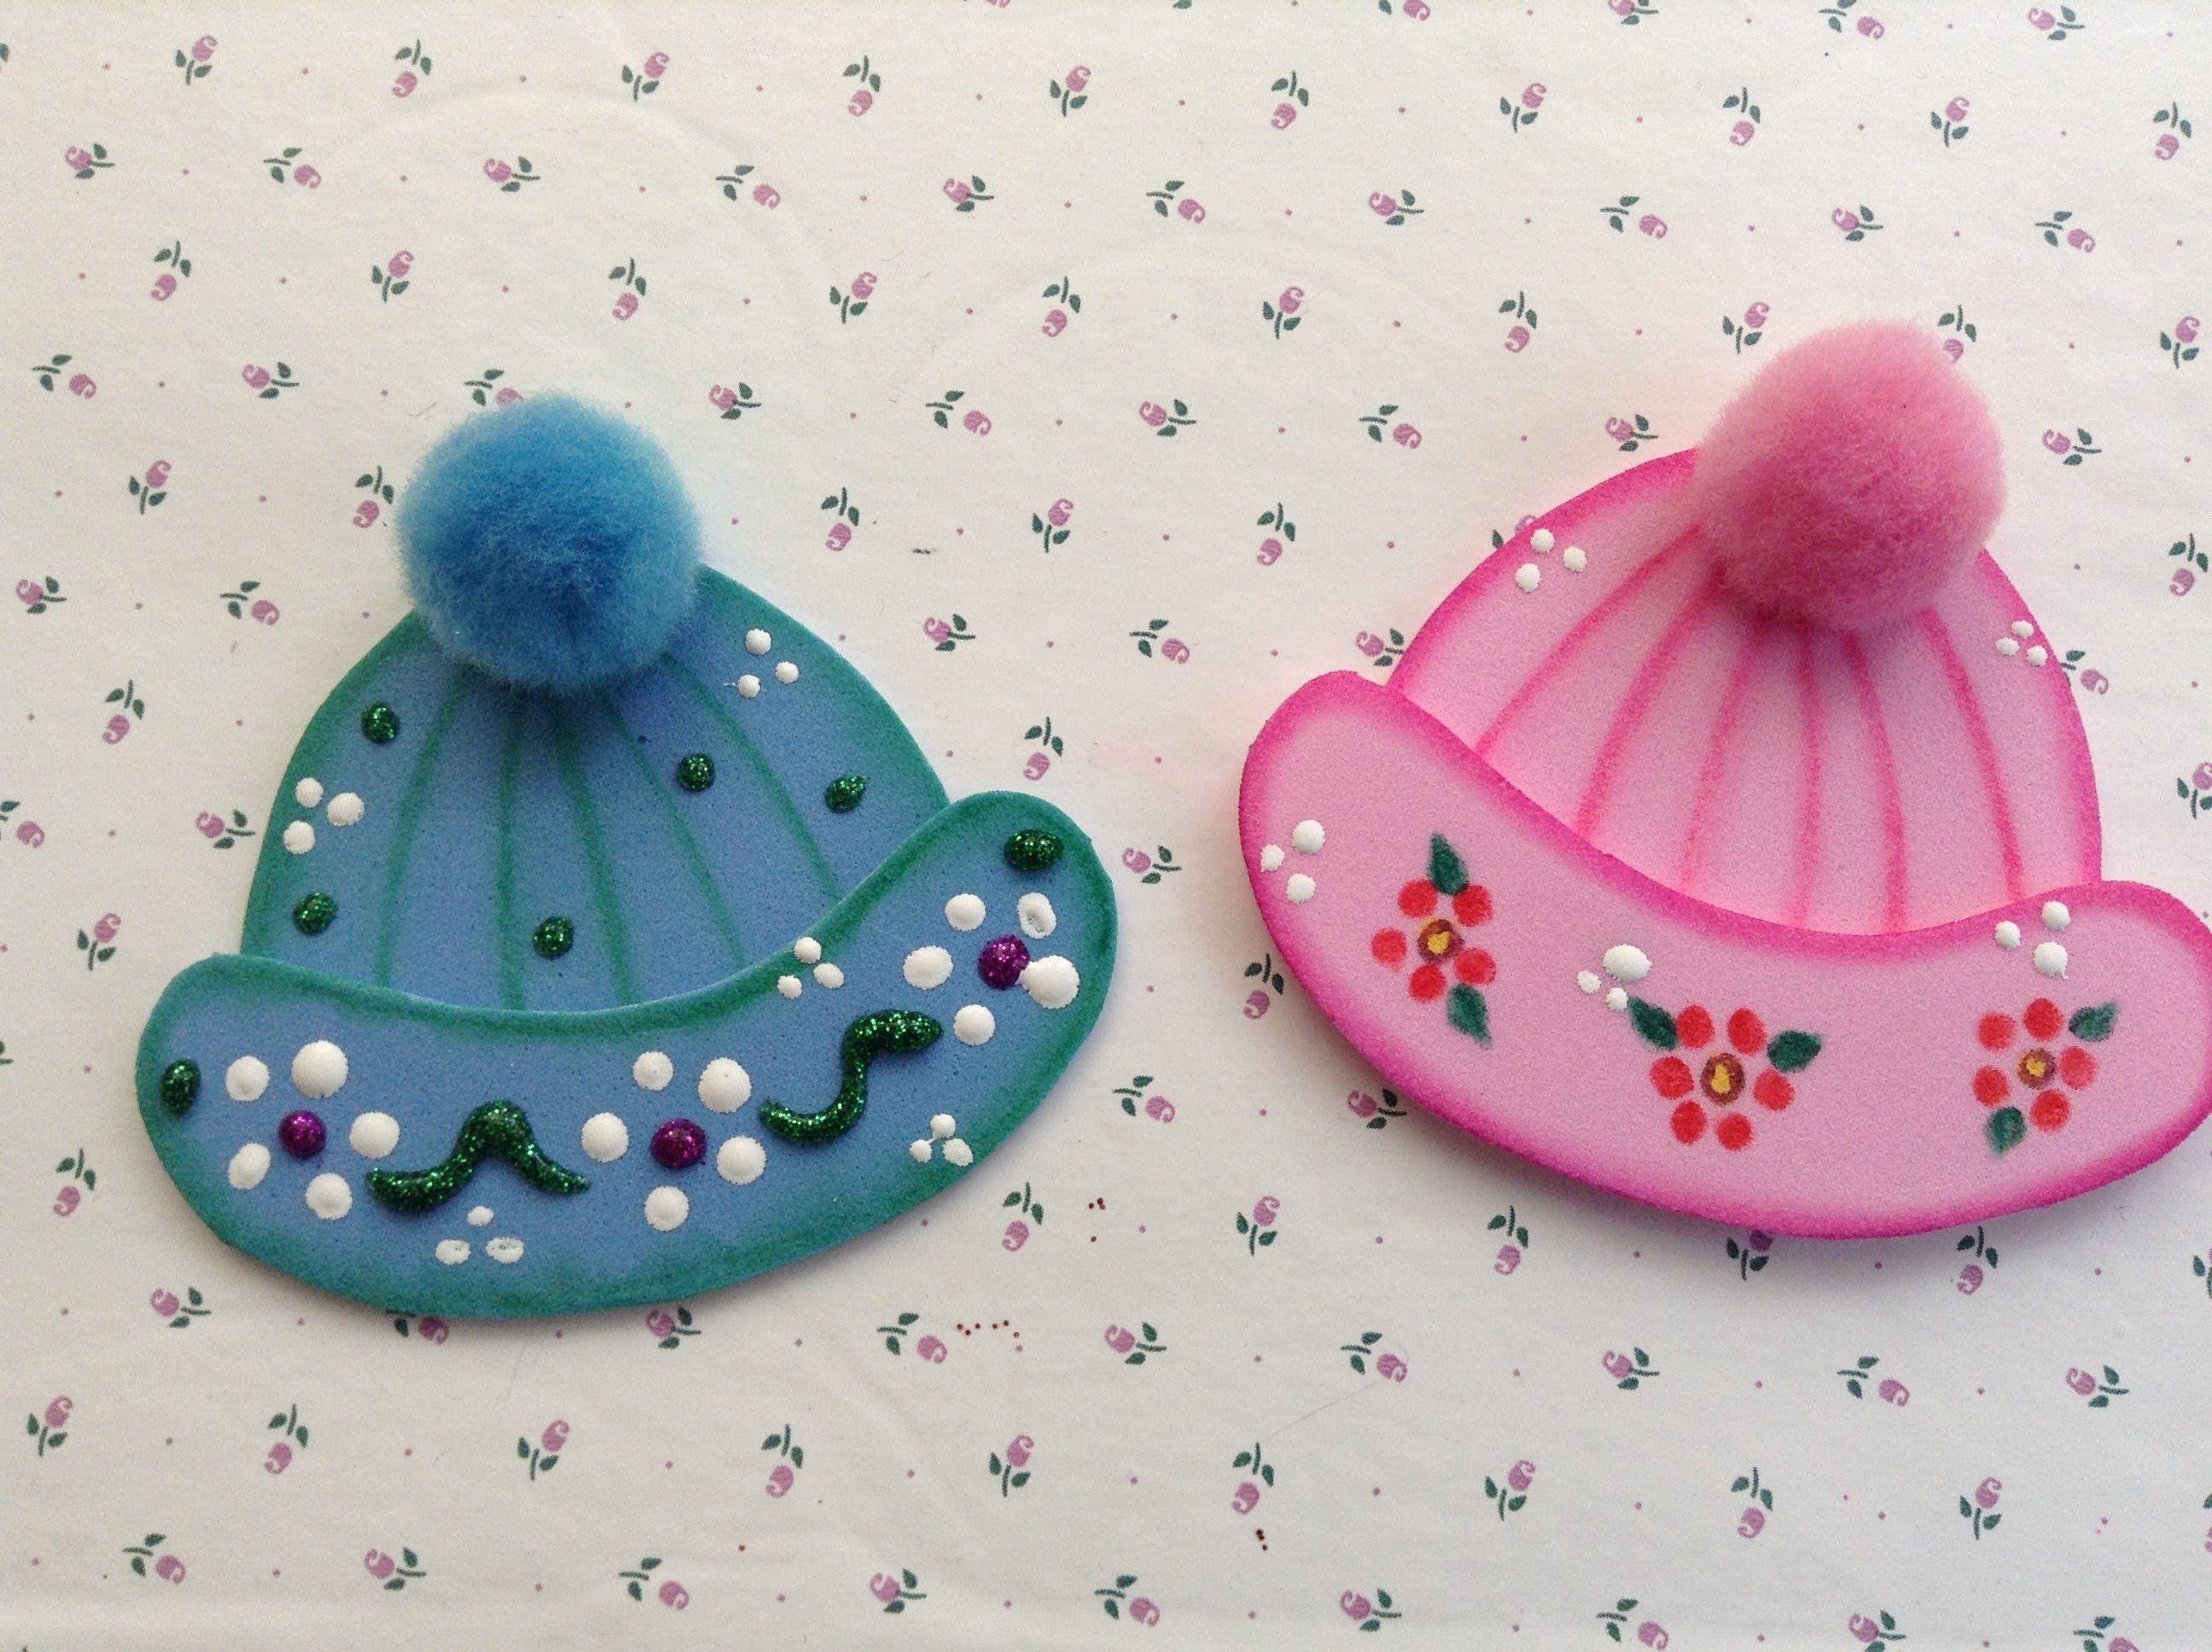 Recuerditos Para Baby Showers ~ Recuerdos para baby shower hechos de fomi recuerdos para